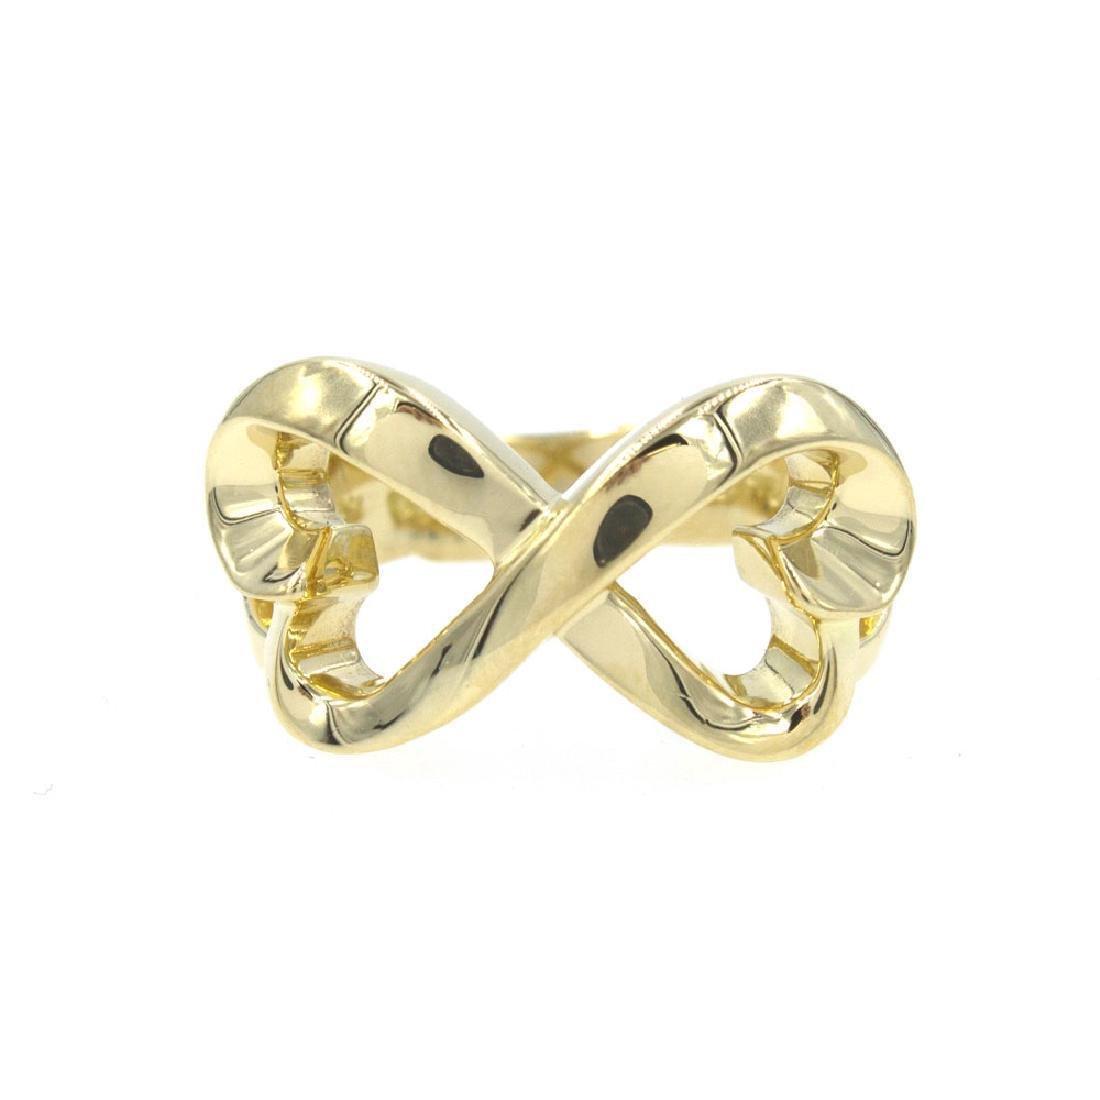 Tiffany & Company Paloma Picasso Double Heart Gold Ring